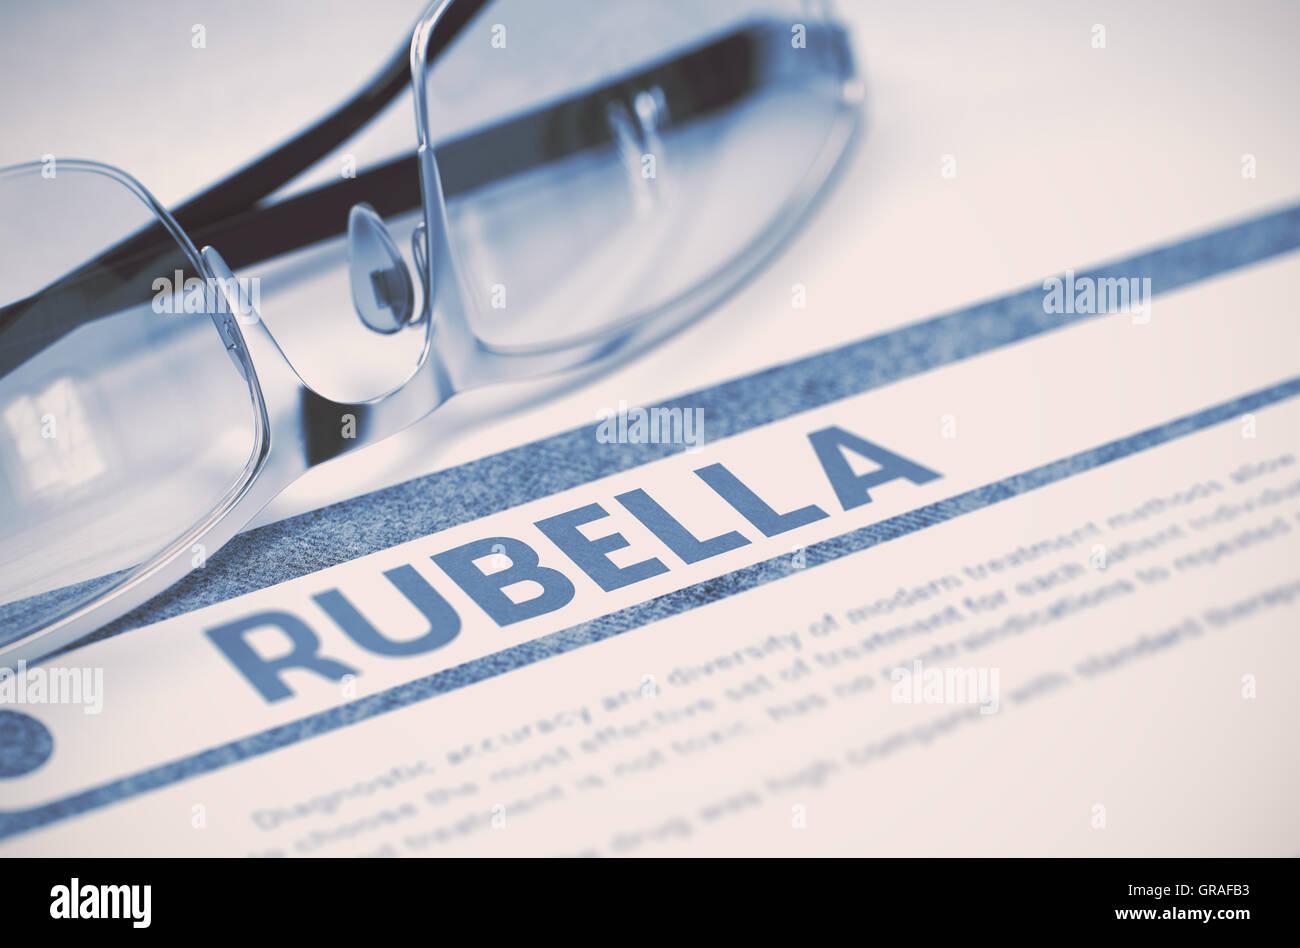 Diagnosis - Rubella. Medicine Concept. 3D Illustration. - Stock Image